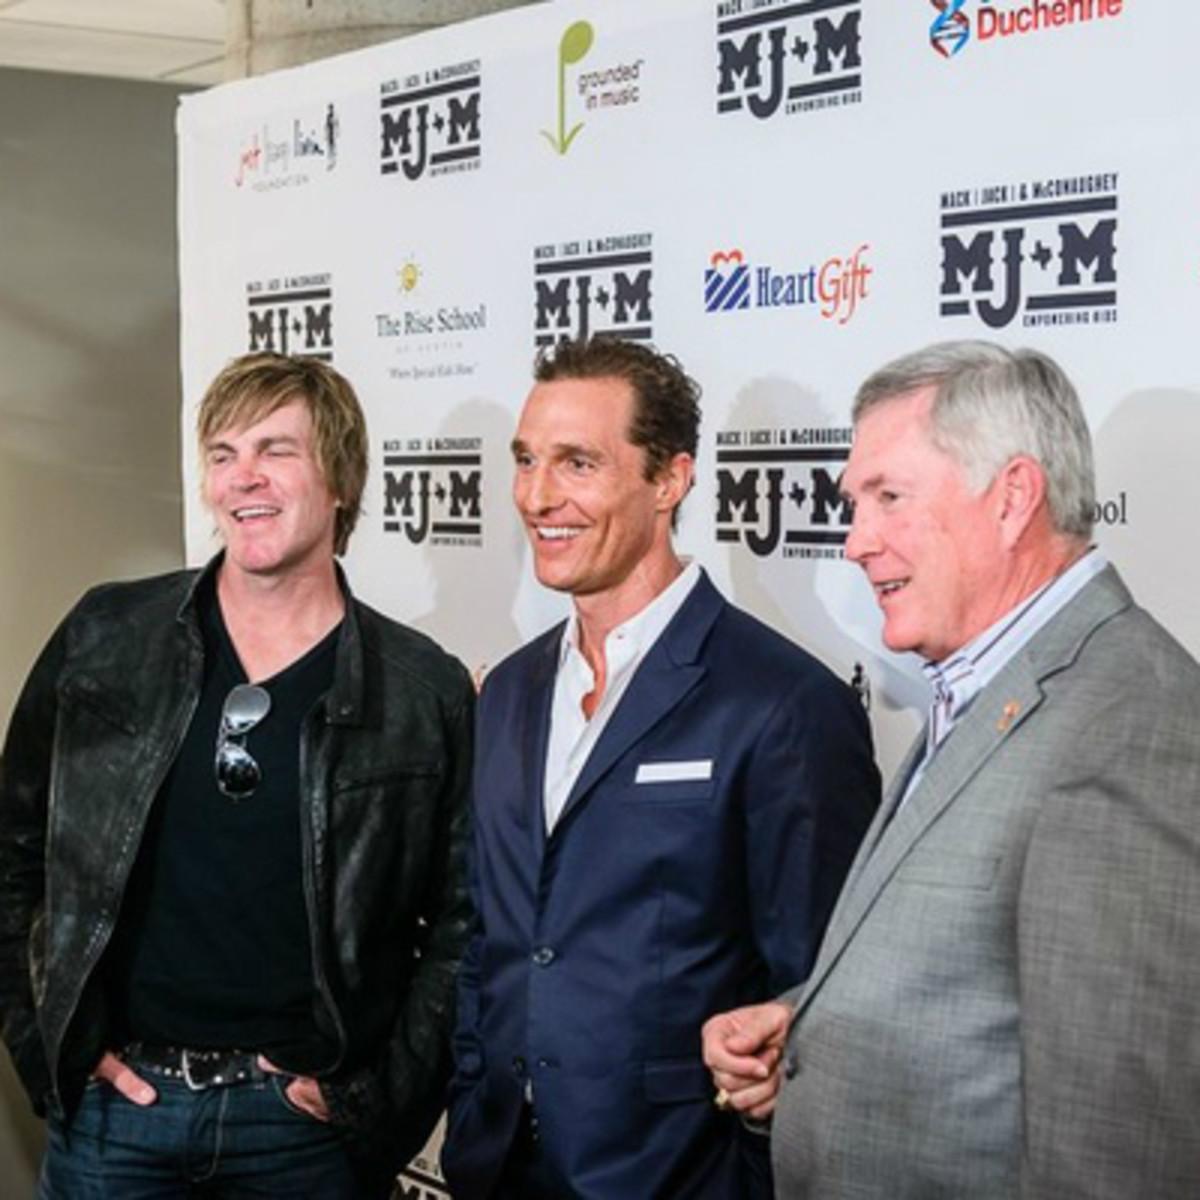 Mack Jack McConaughey benefit with Jack Ingram and Matthew McConaughey